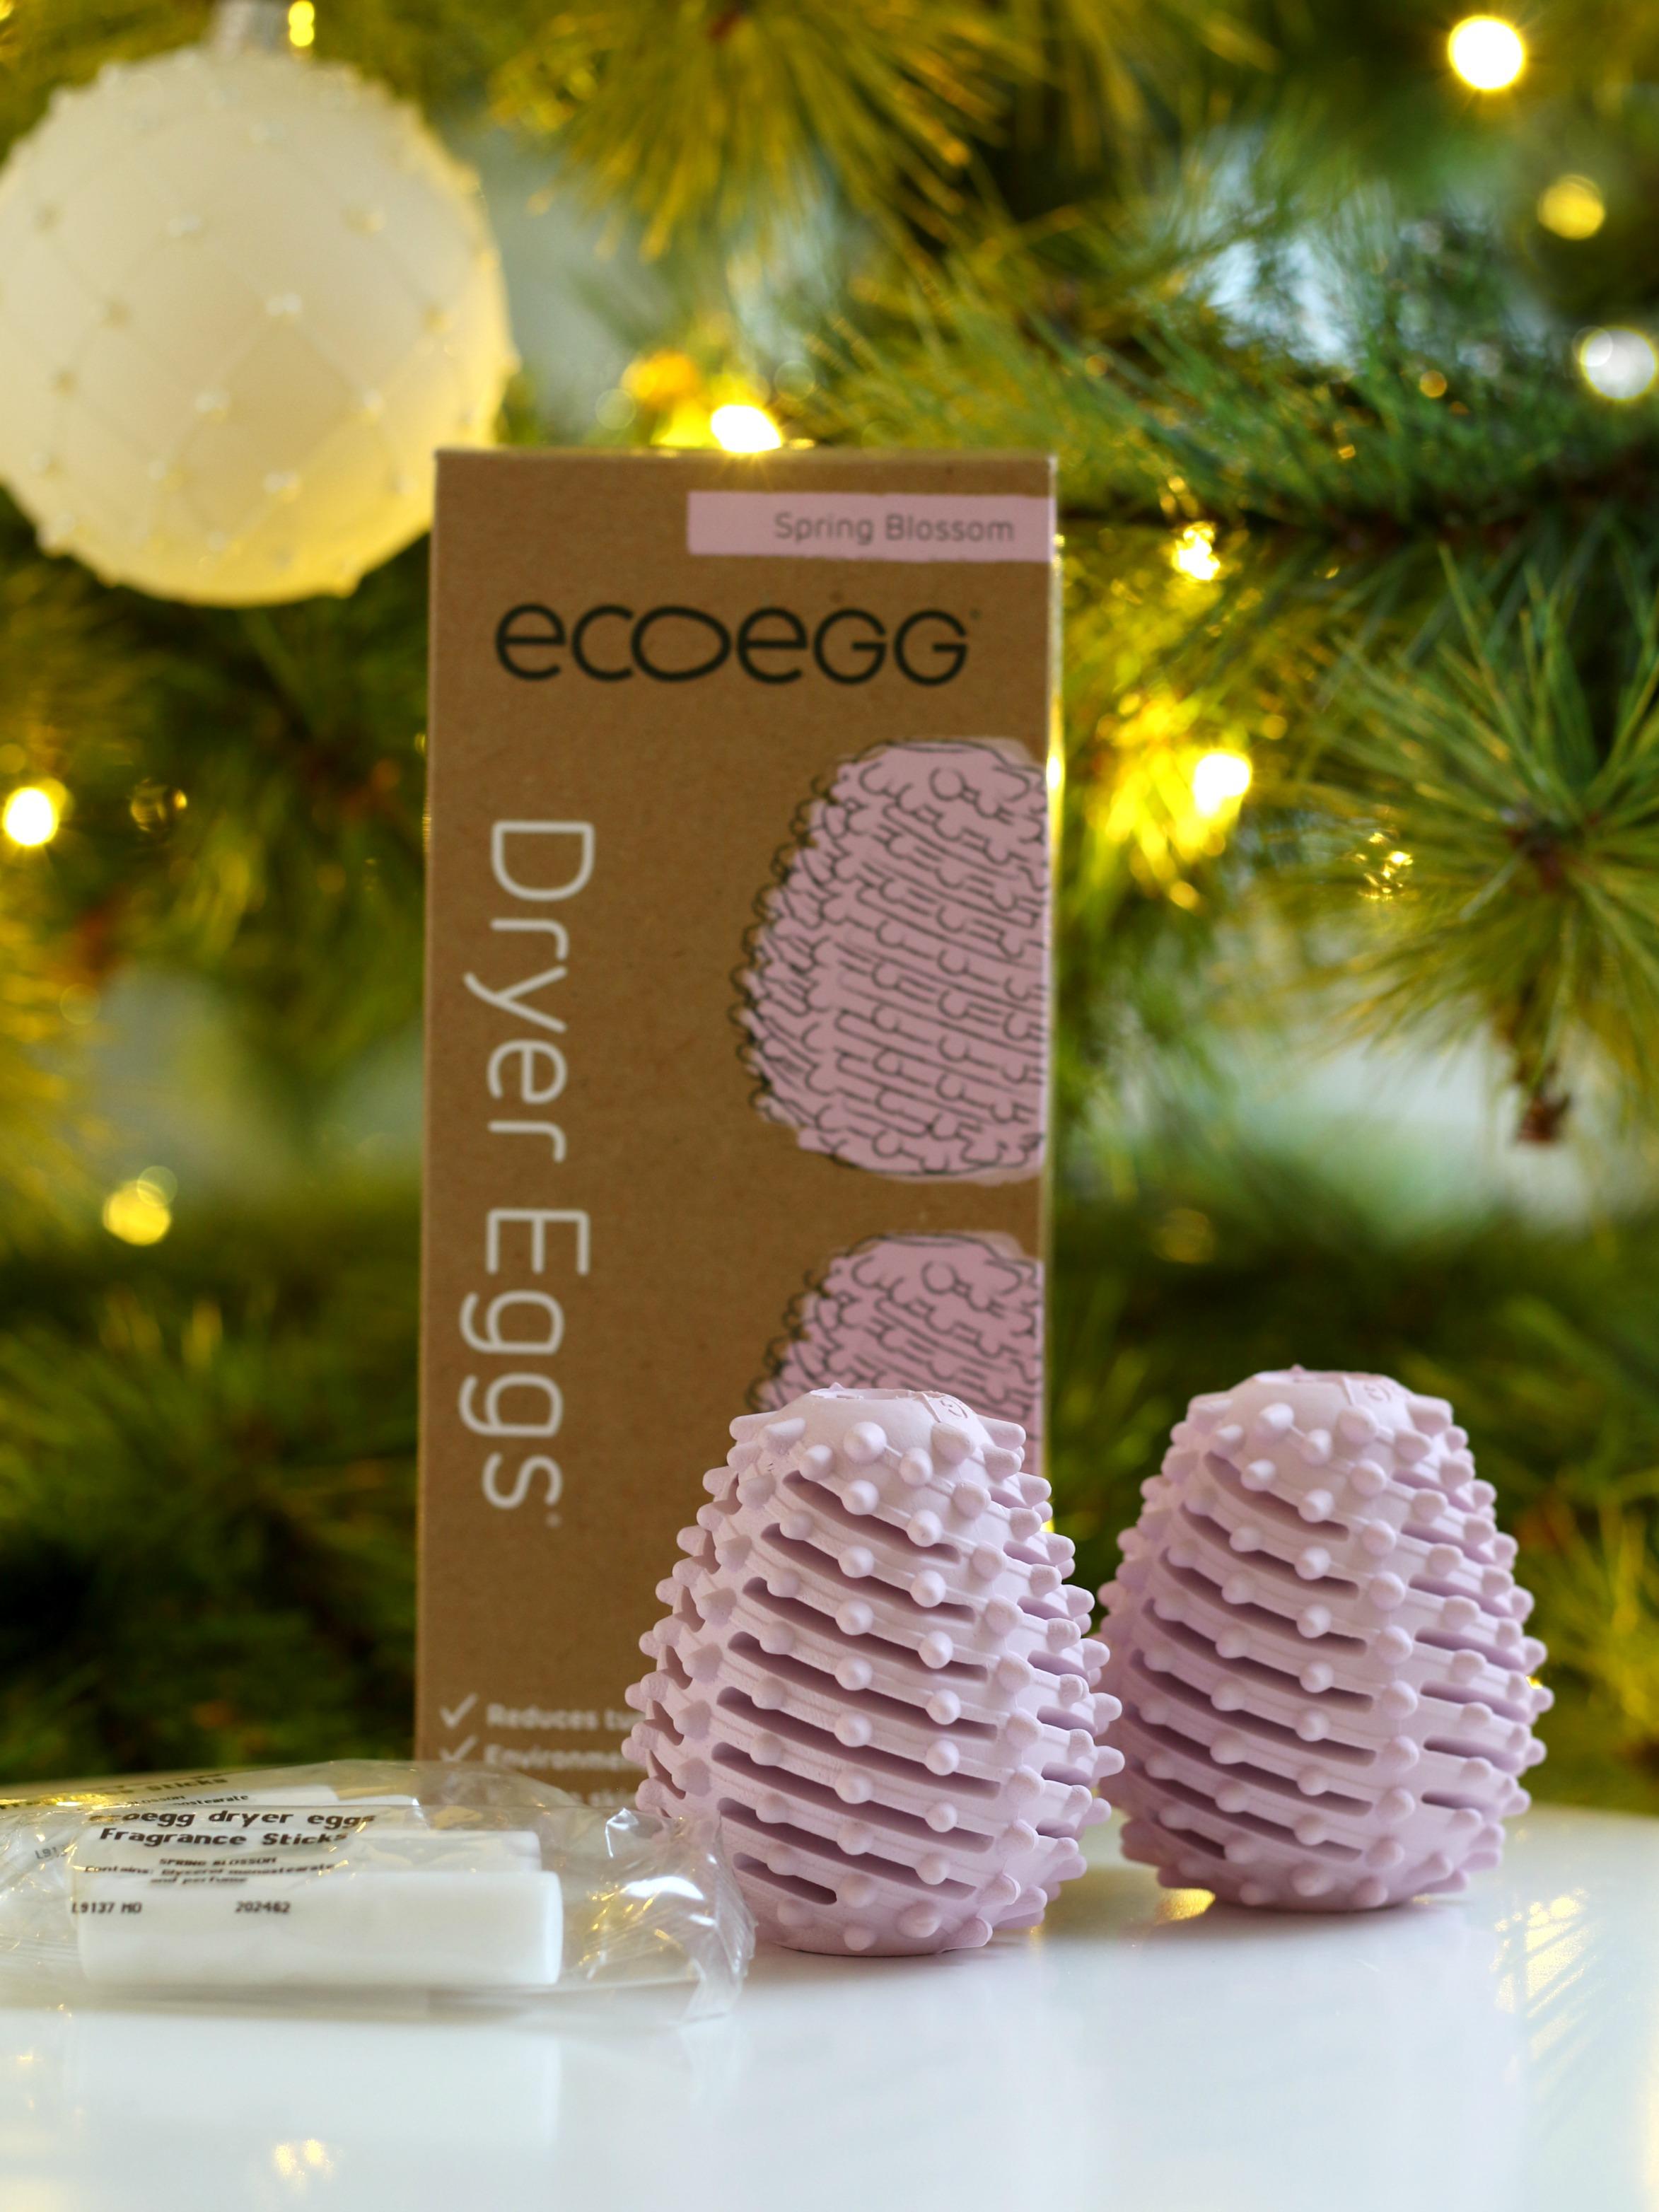 ecoegg pyykkimuna ekologinen pyykinpesu kokemuksia Omakotivalkoinen